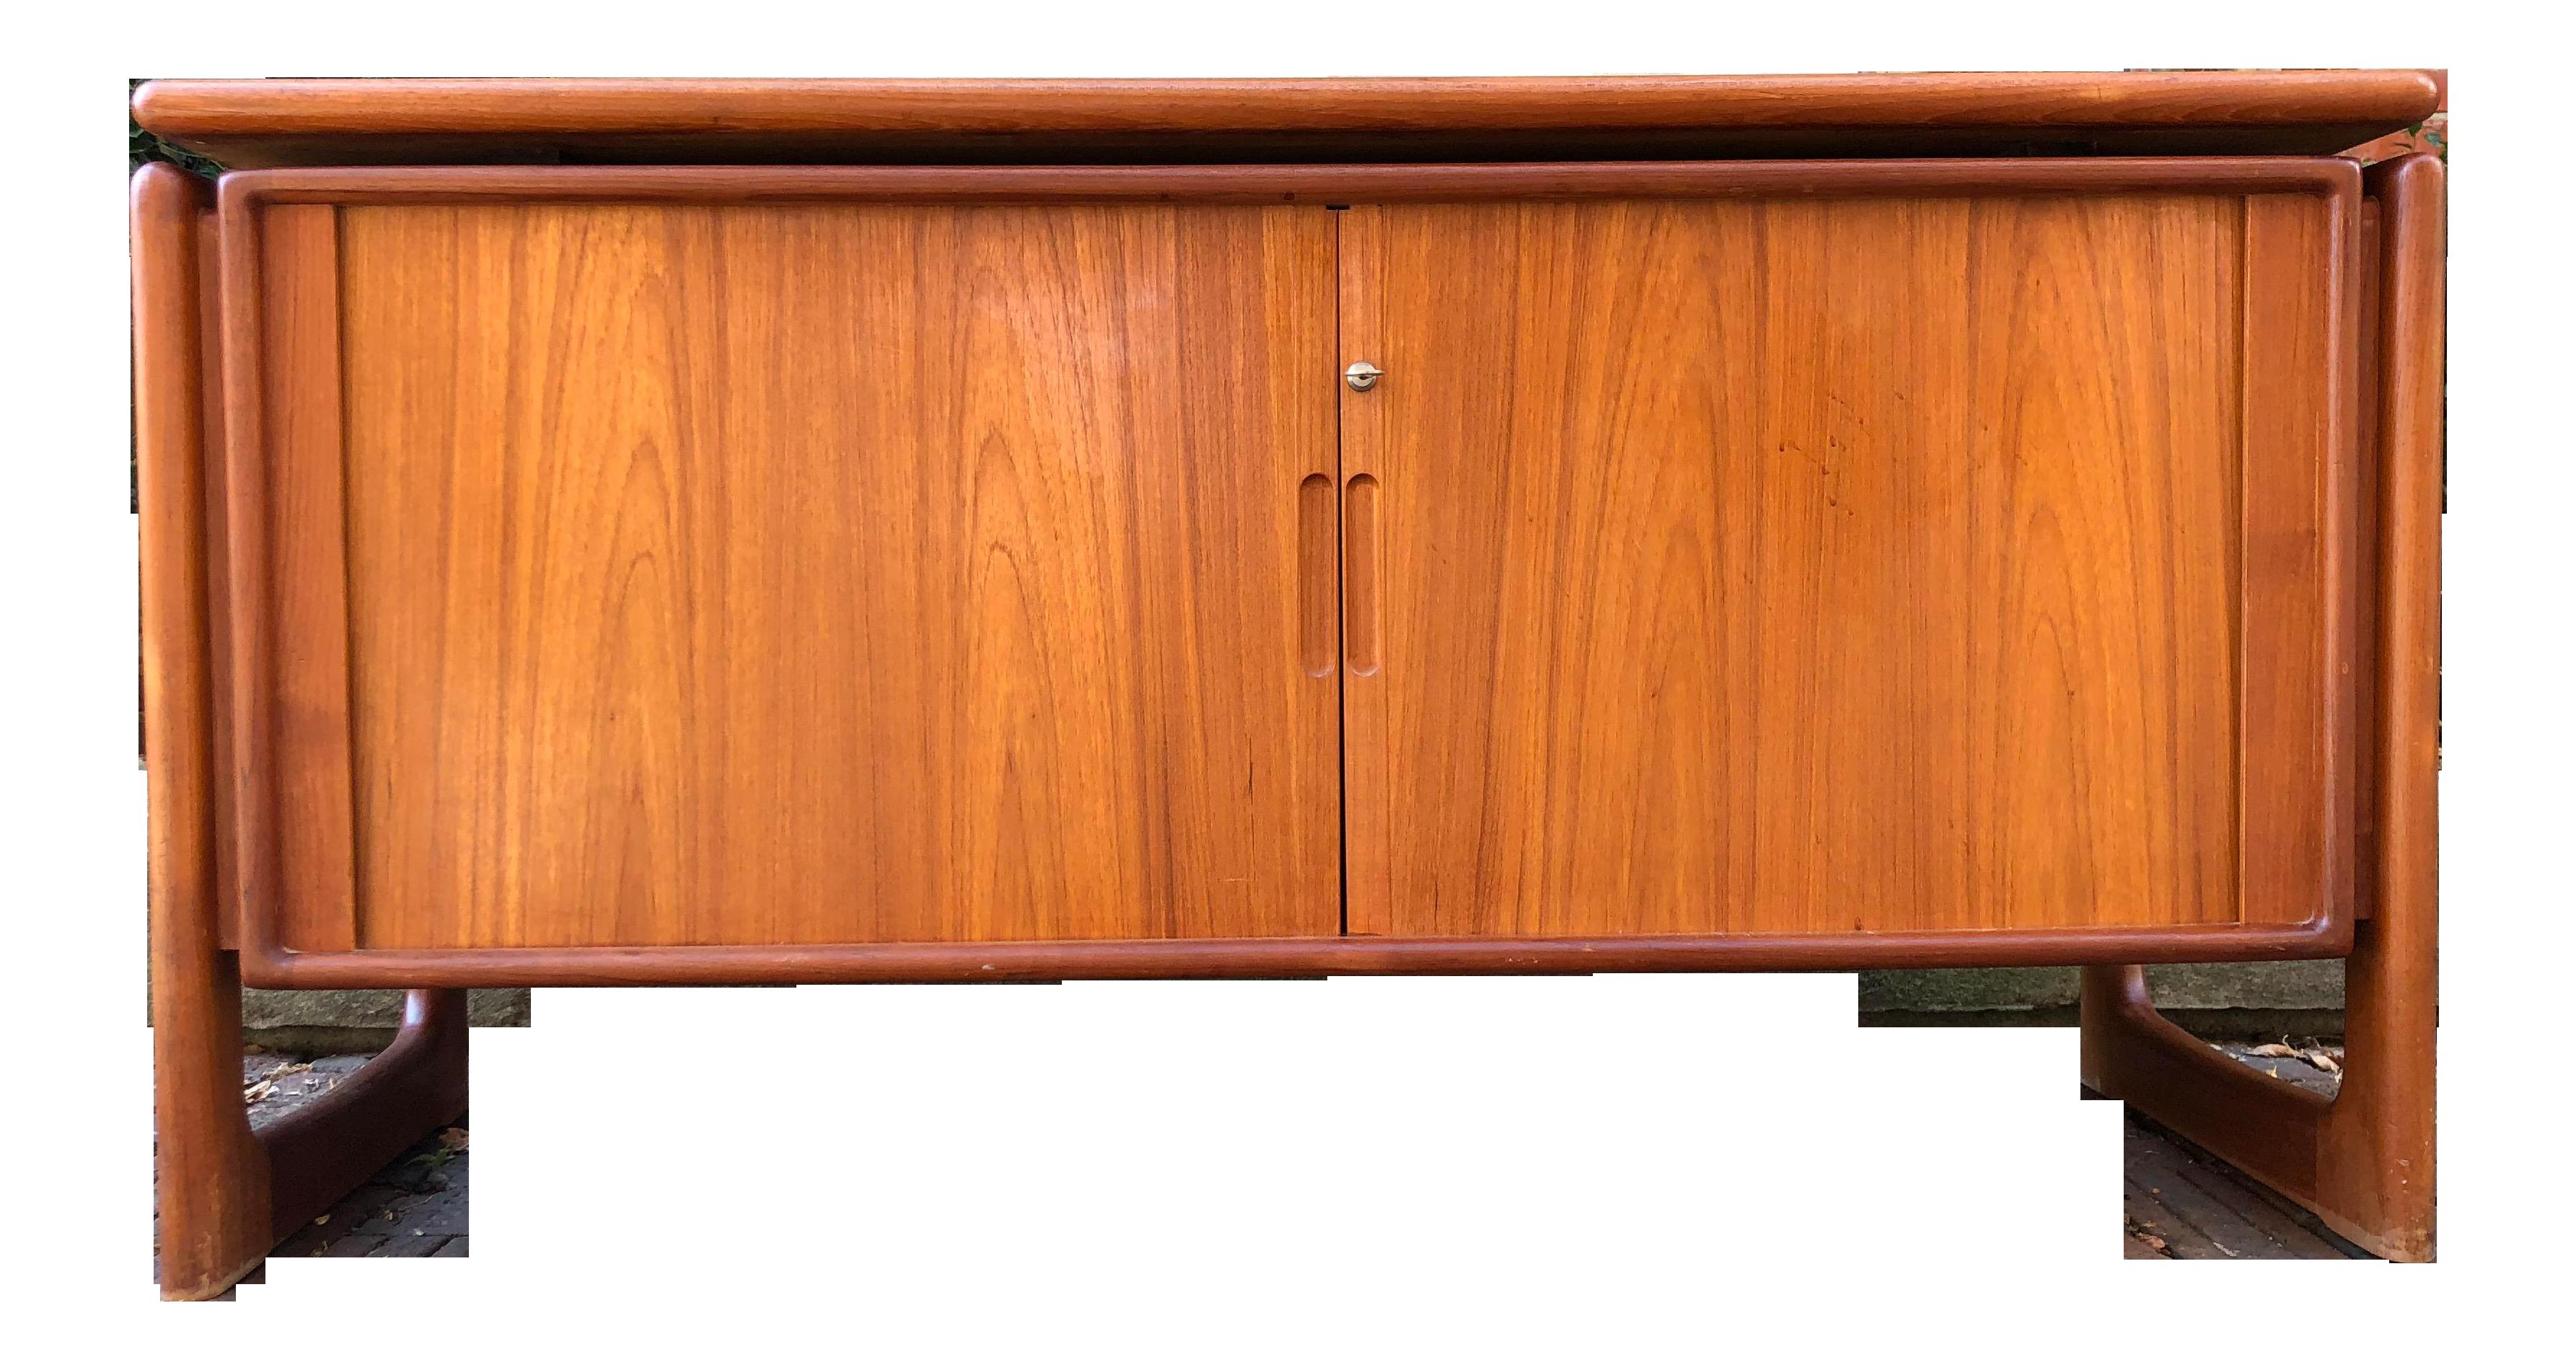 Dyrlund Danish Credenza : Vintage danish modernist teak credenza dyrlund apartment